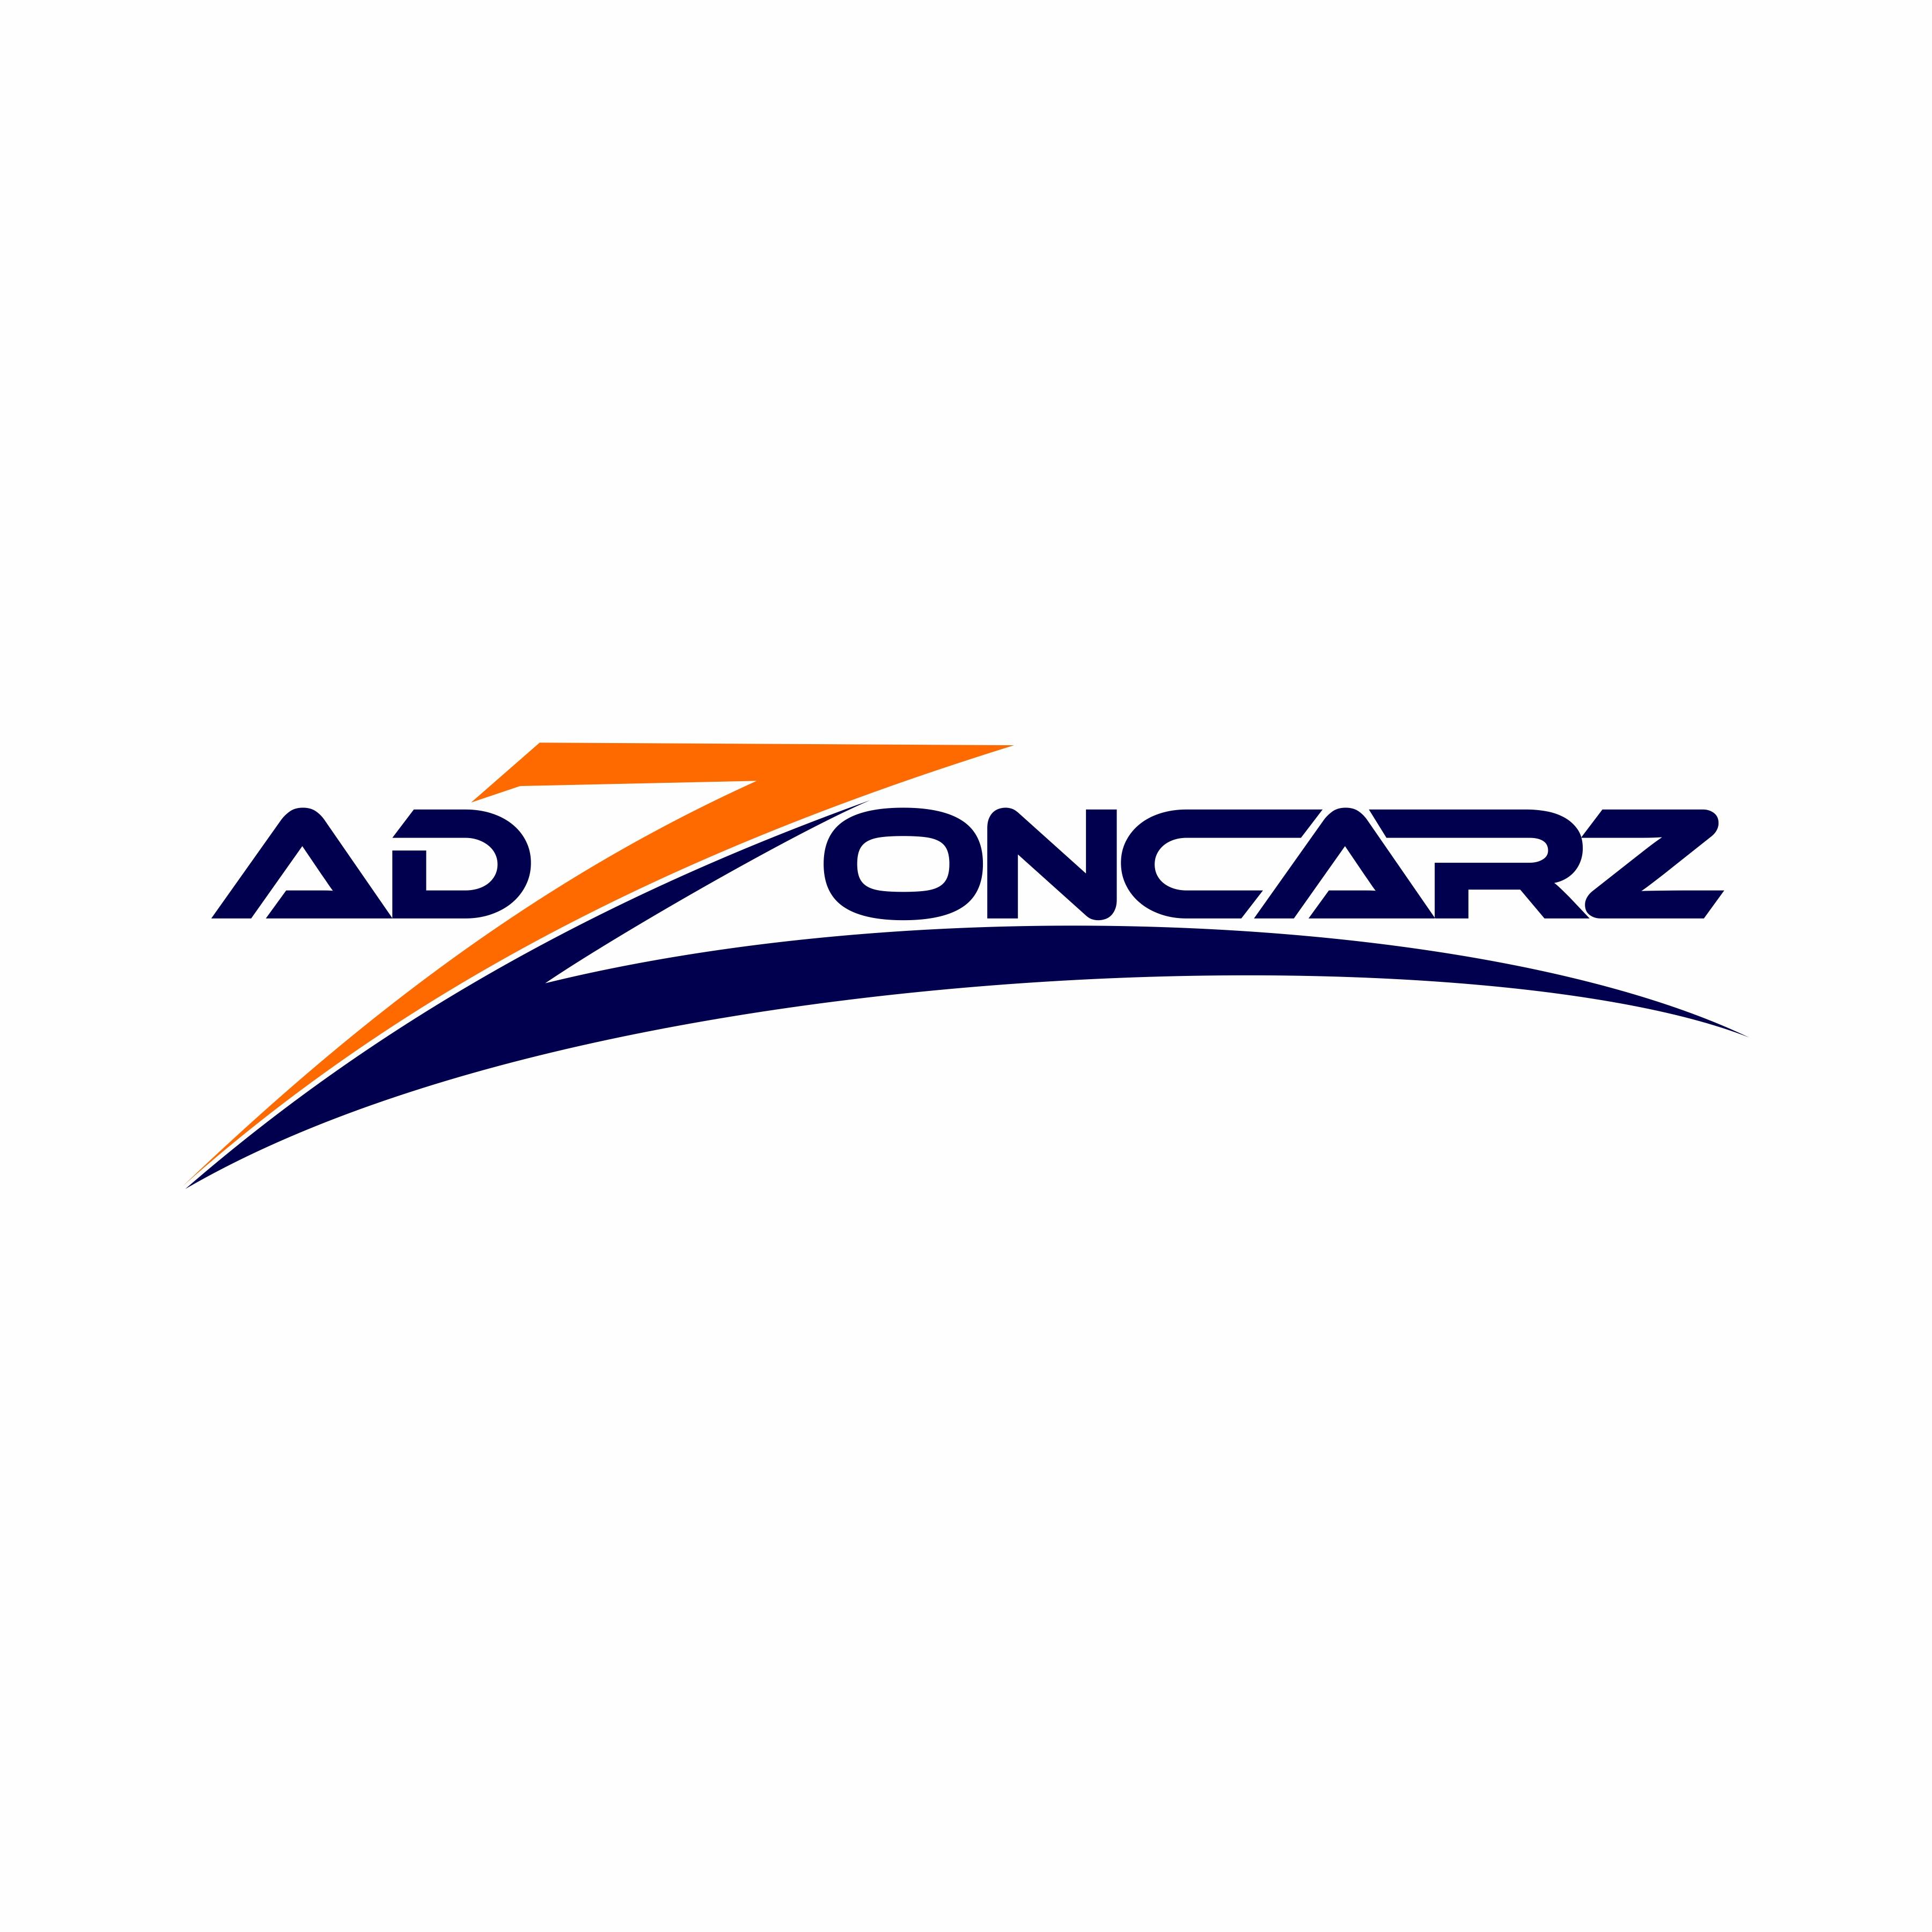 ADZONCARZ_